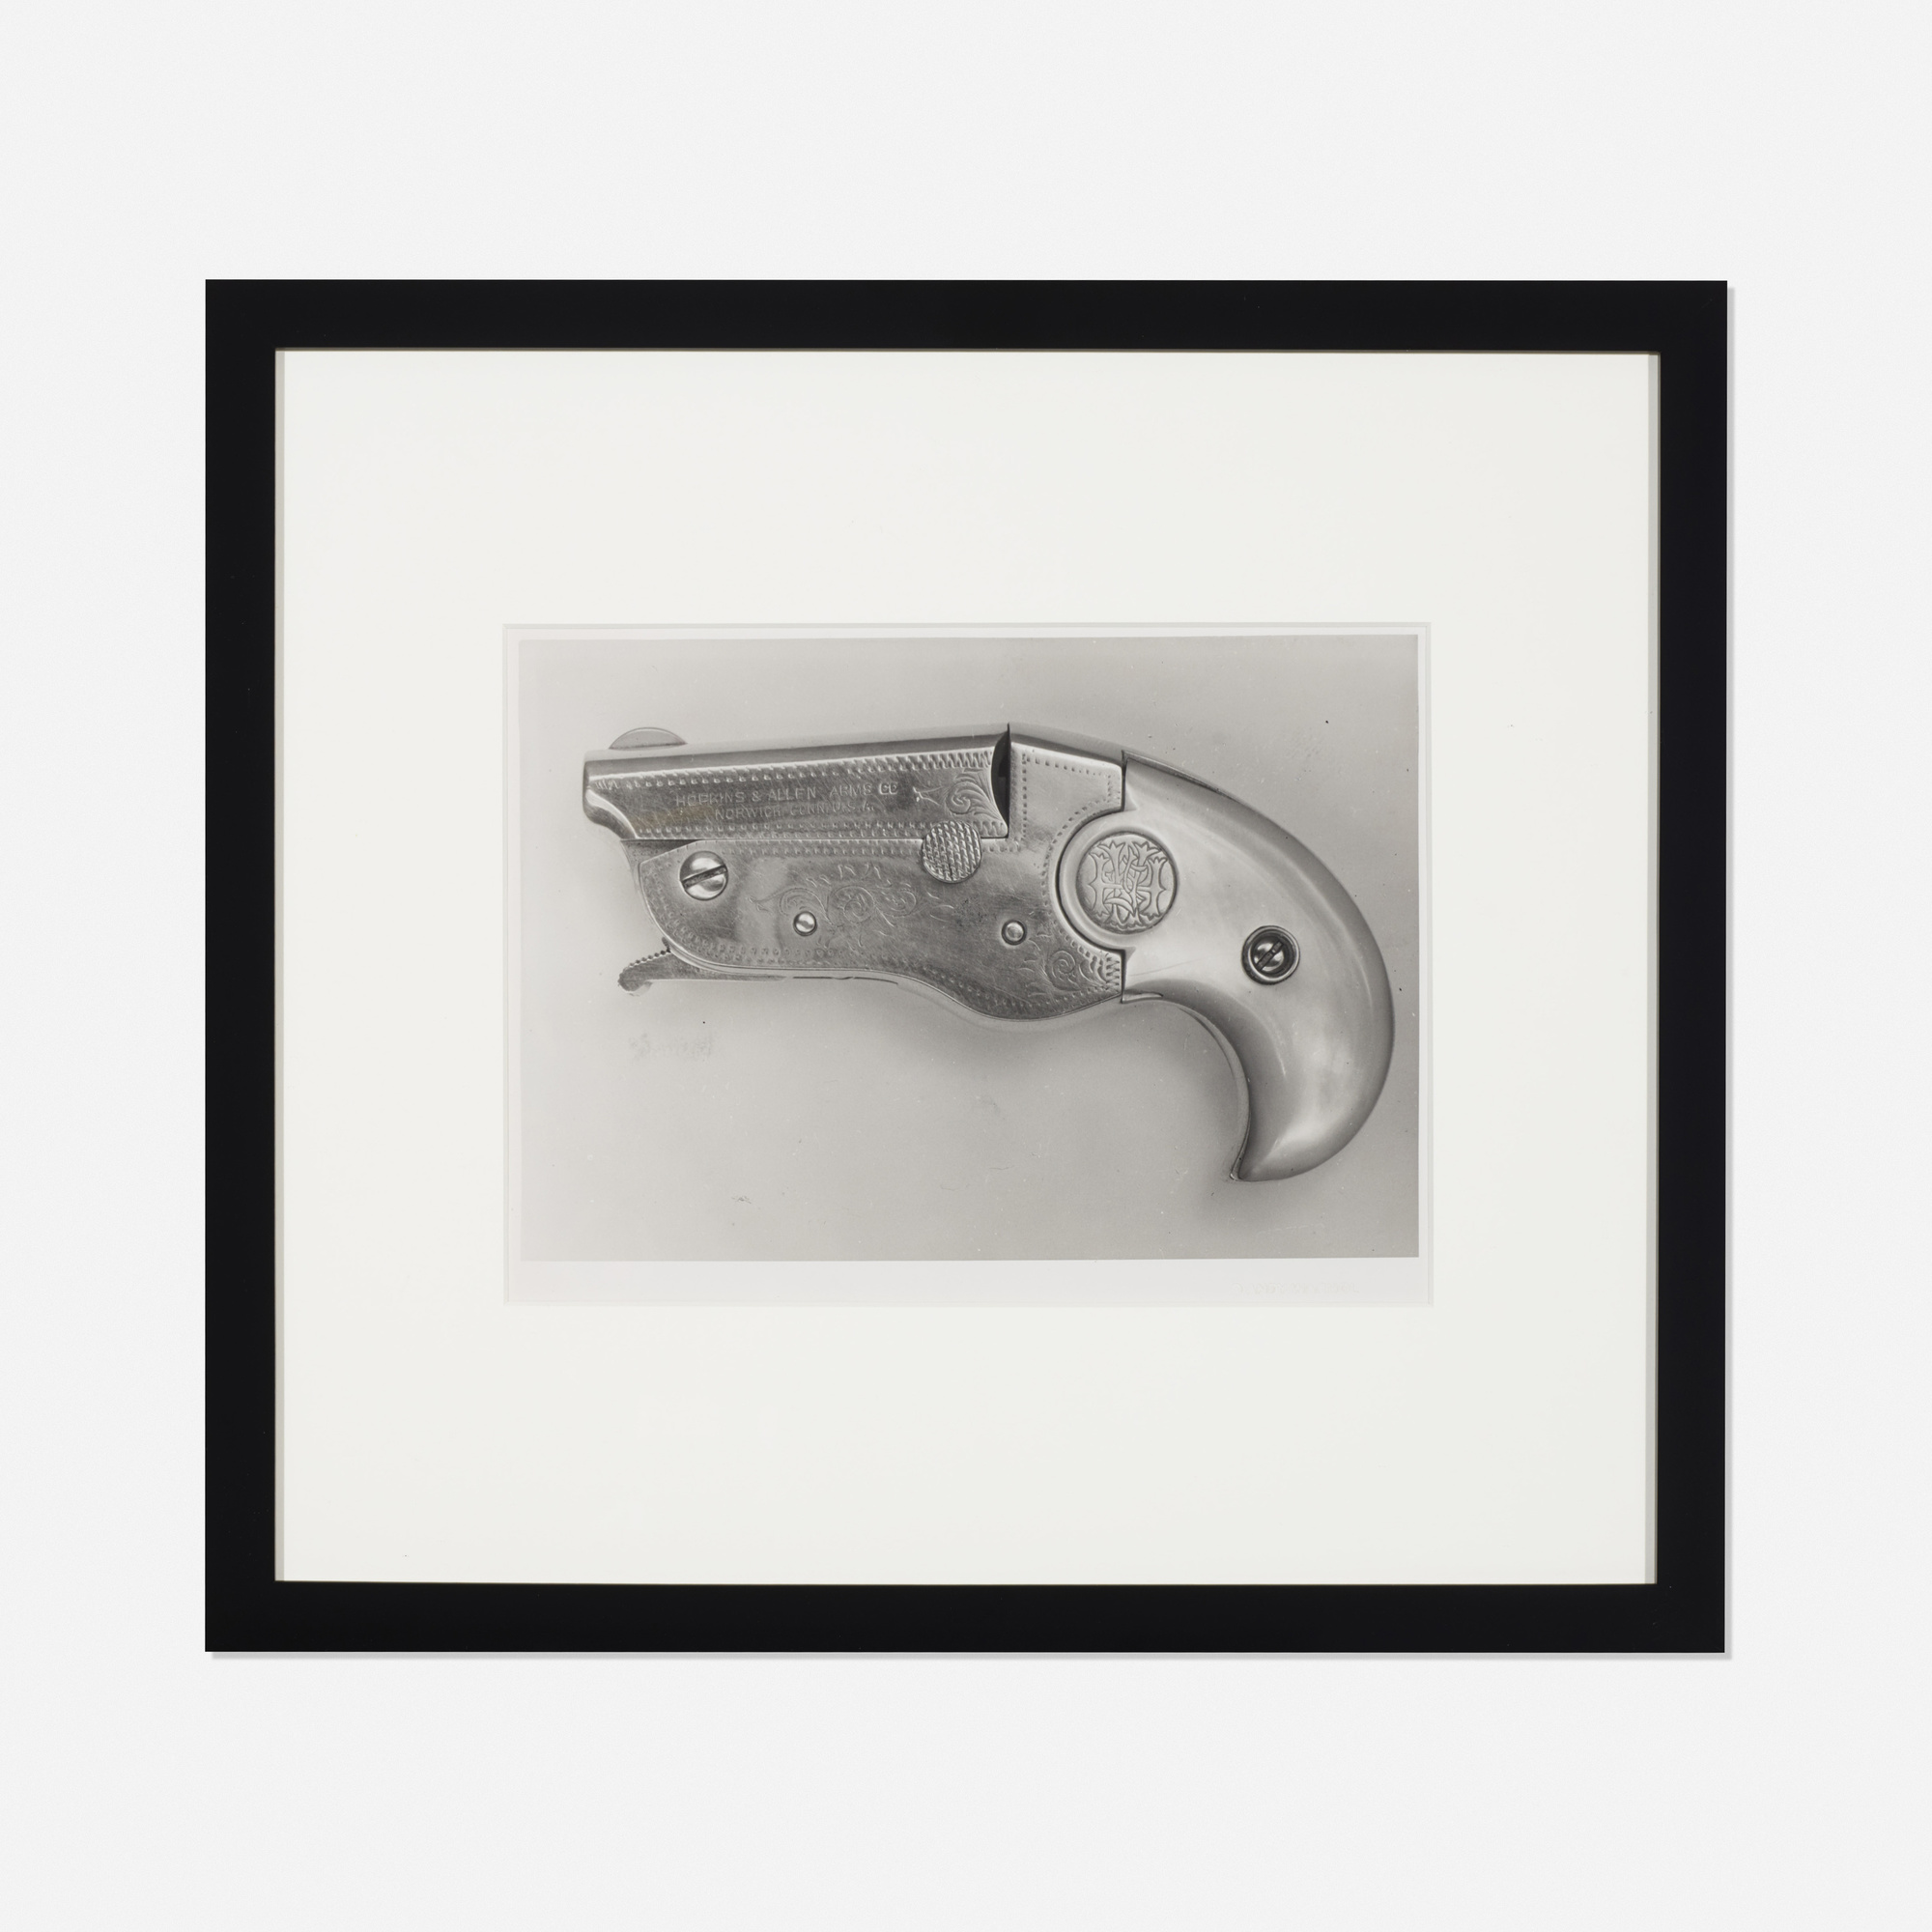 205: Andy Warhol / Untitled (Hopkins & Allen Vest Pocket Derringer Gun) (1 of 2)